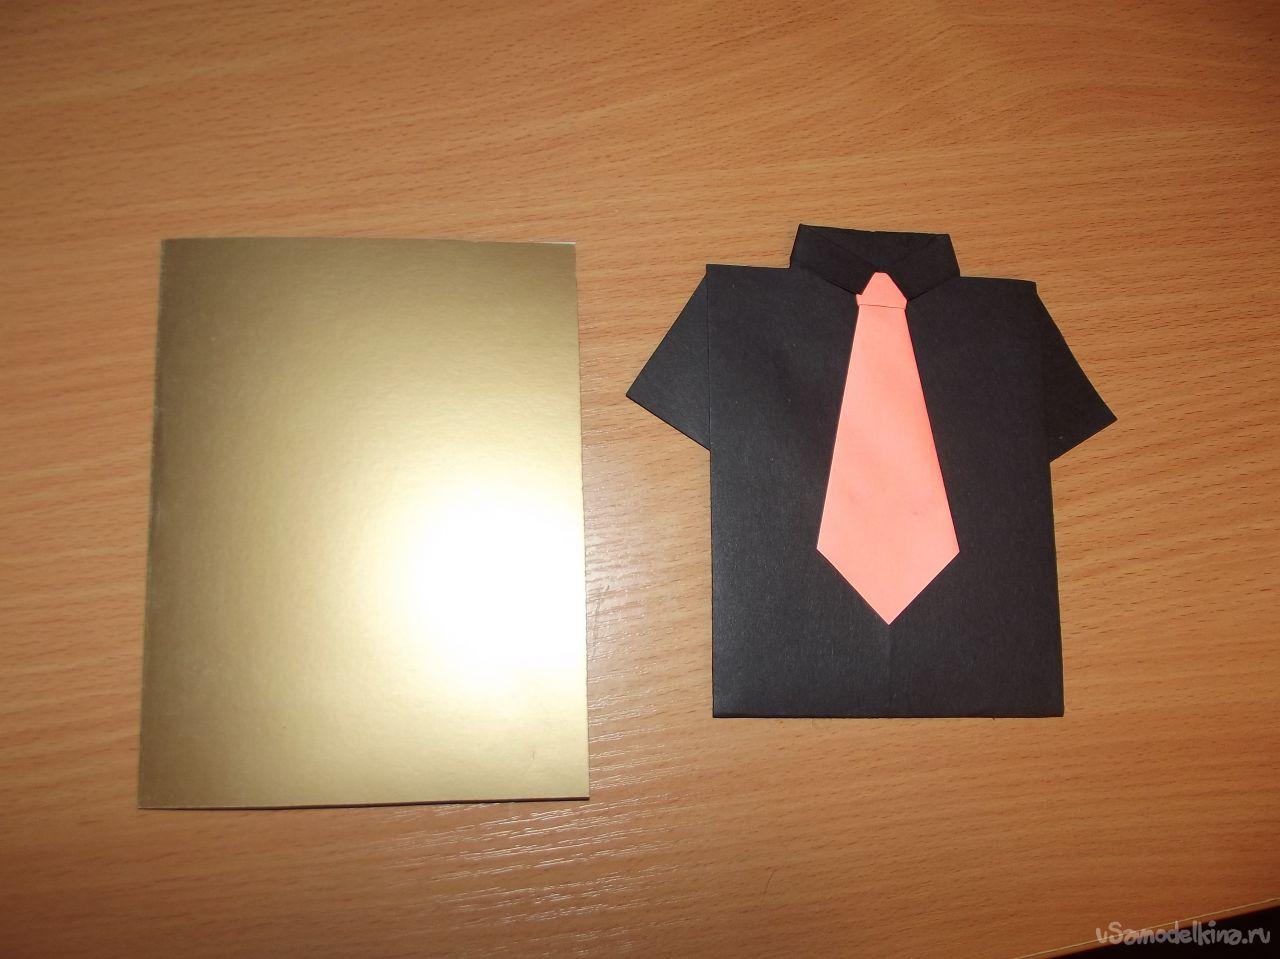 Гишер картинки, как сделать рубашку открытку из бумаги с галстуком видео